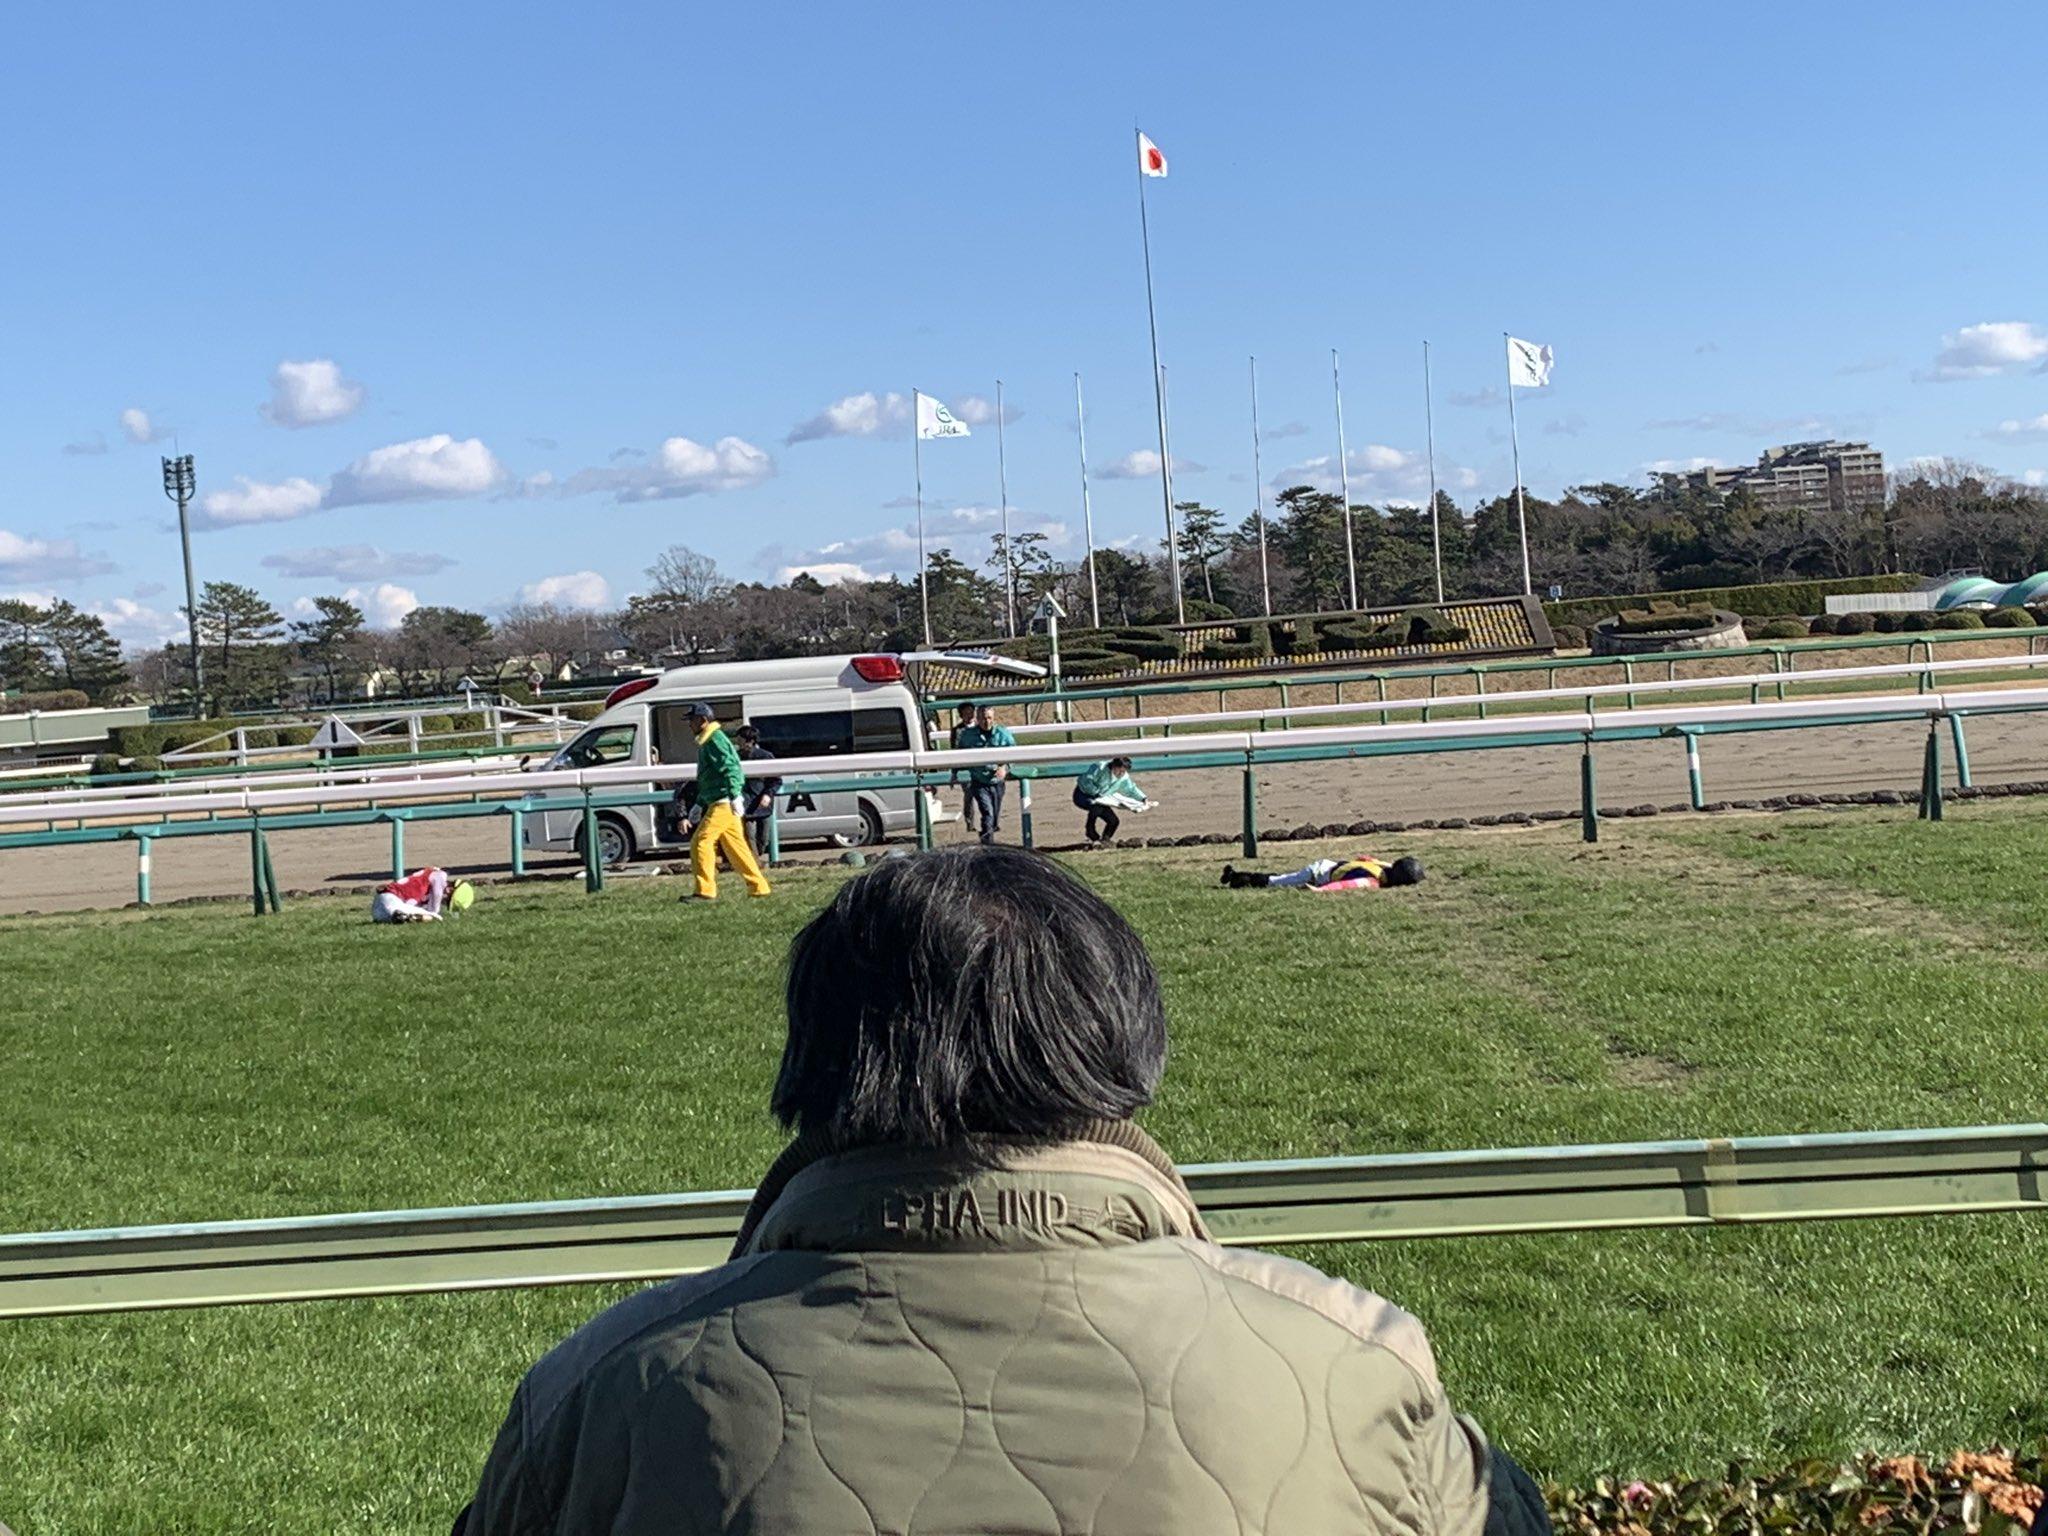 中山競馬の落馬事故で大塚海渡騎手が意識不明で倒れている画像